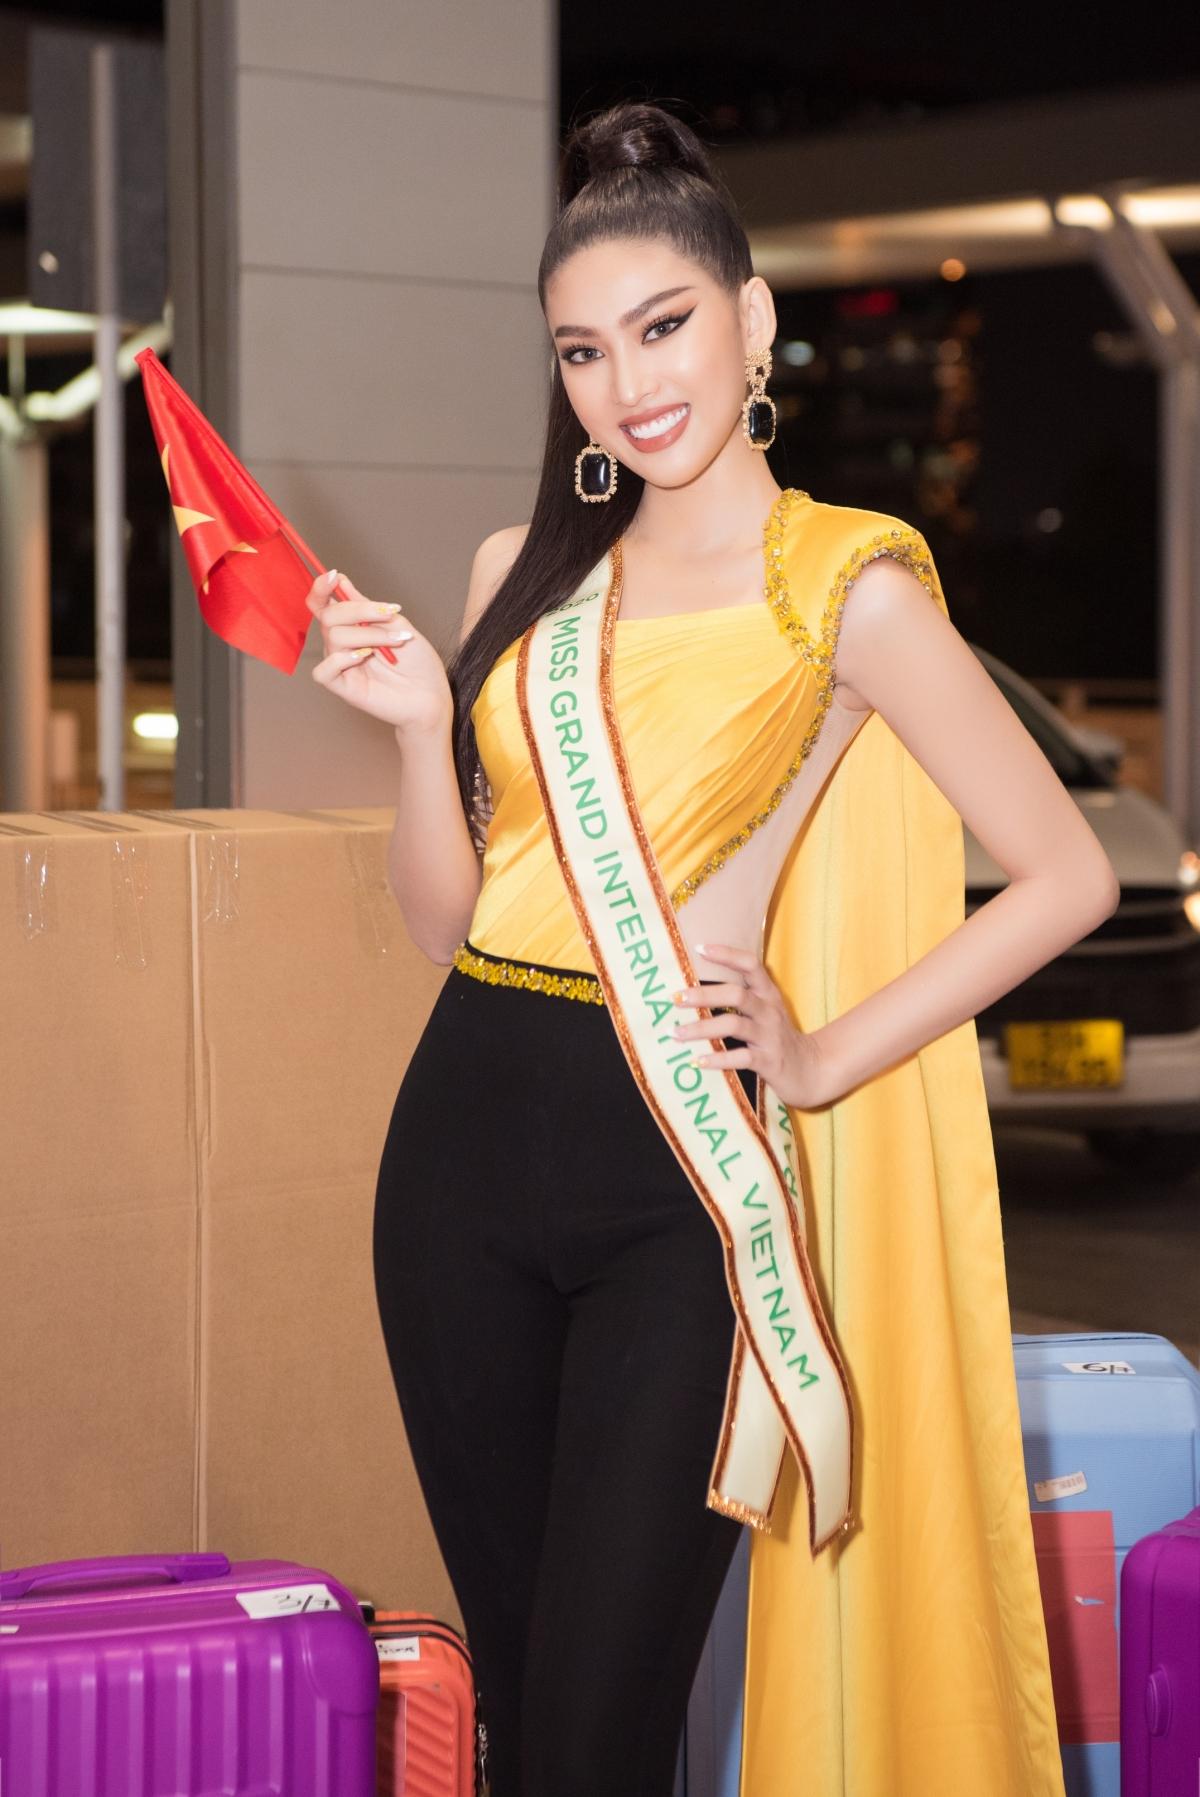 Trước giờ G, nàng hậu gây ấn tượng khi thả dáng đầy thần thái và khoe trọn đôi chân dài 1m11 trong bộ trang phục của NTK Linh San.